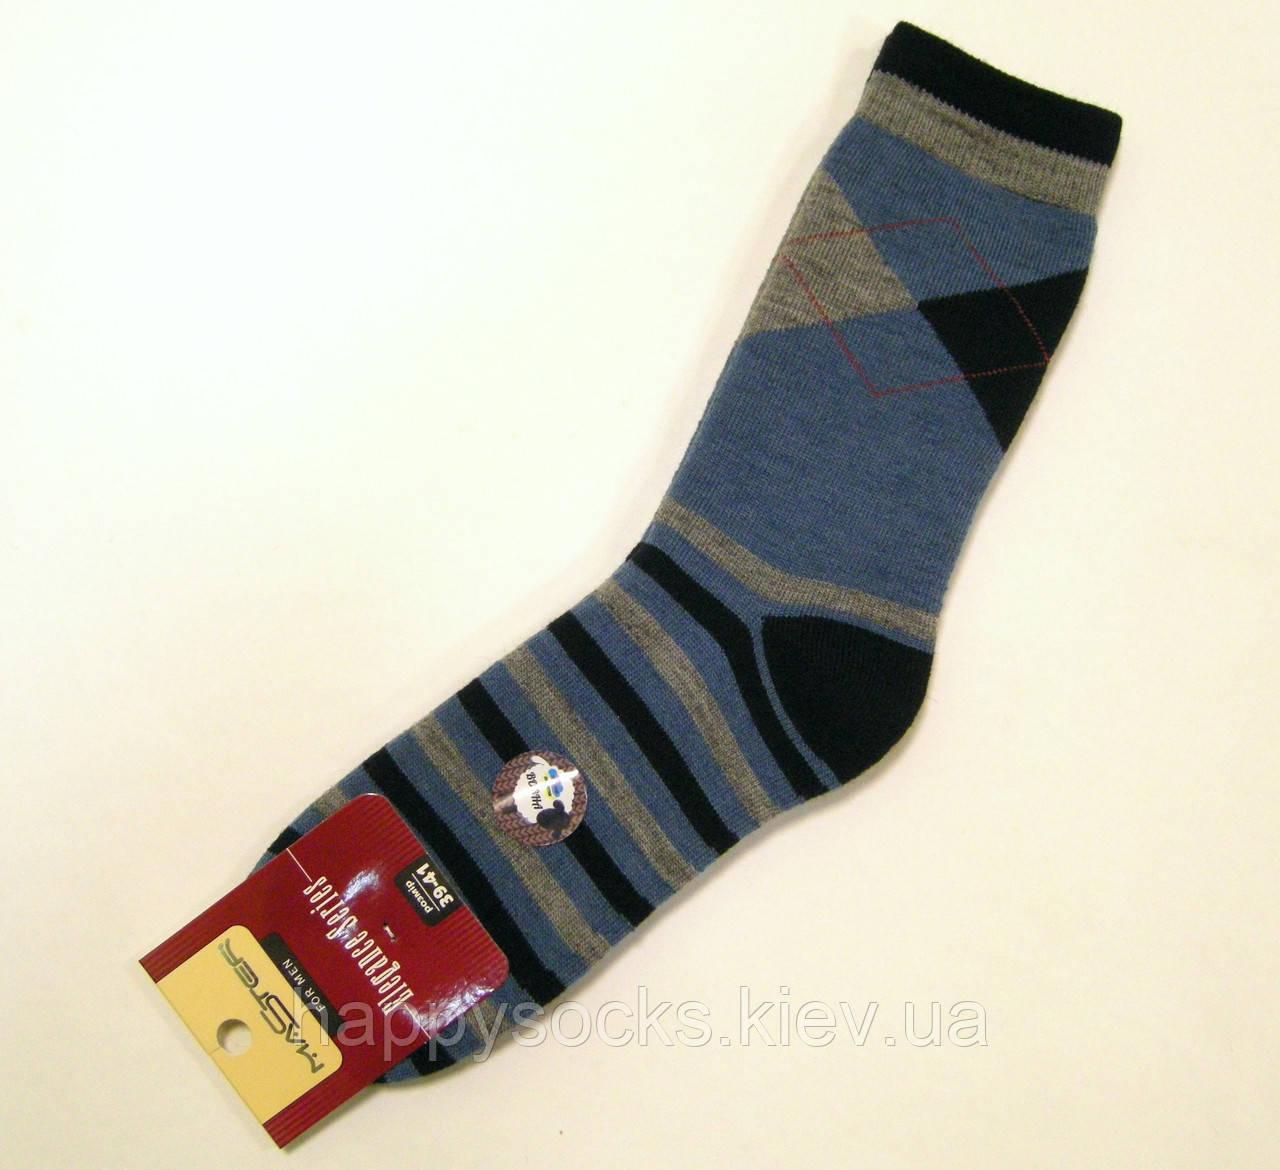 a70e5e99925c5 Мужские теплые полушерстяные носки в ромбы синего цвета, цена 75 грн.,  купить в Киеве — Prom.ua (ID#434373936)